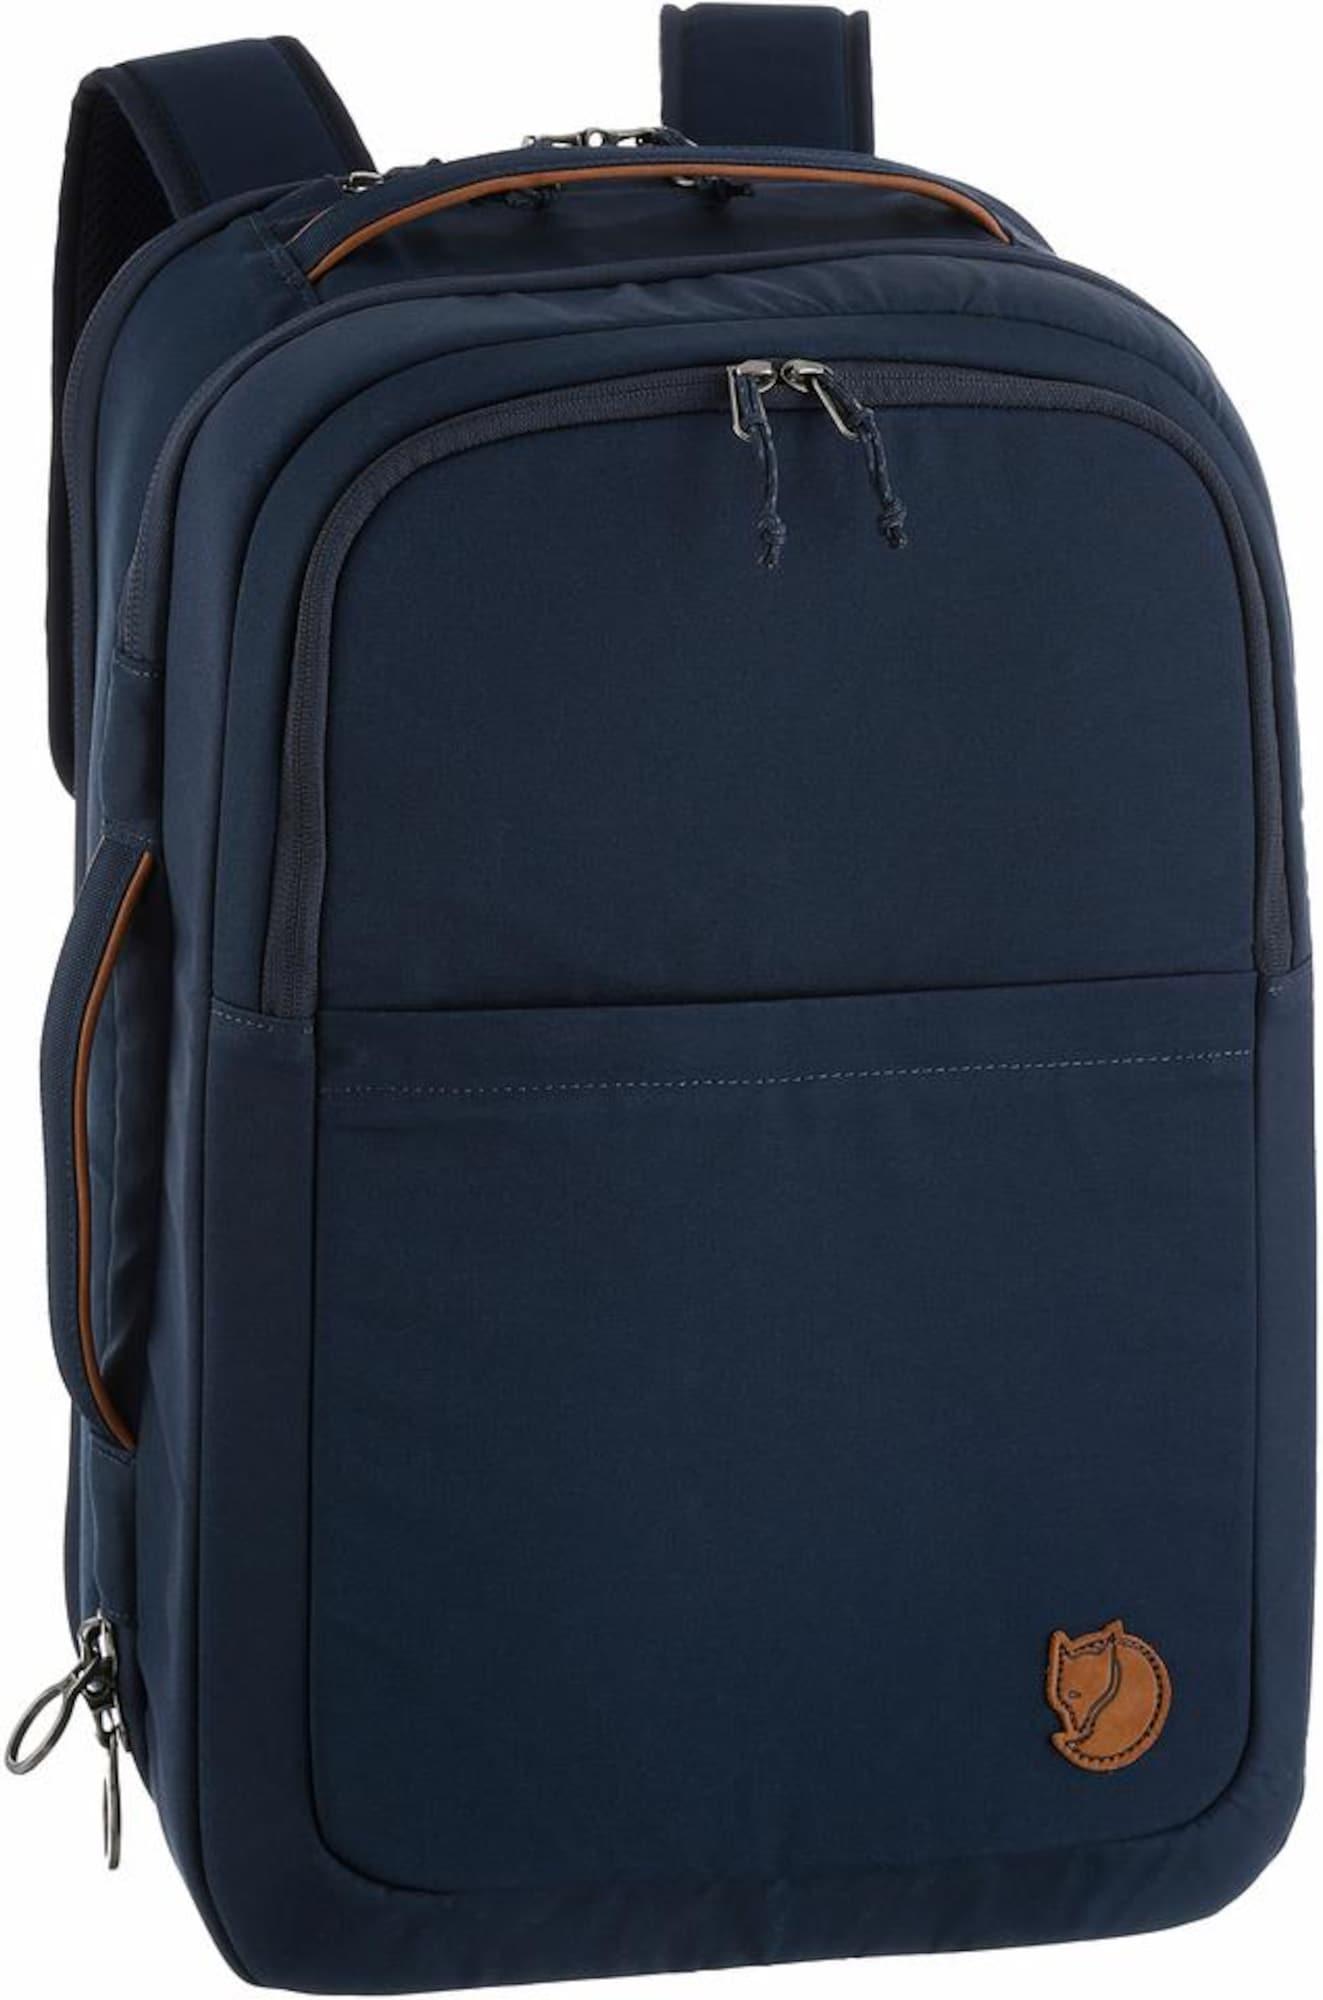 Reisetasche | Taschen > Rucksäcke > Tourenrucksäcke | Fjällräven